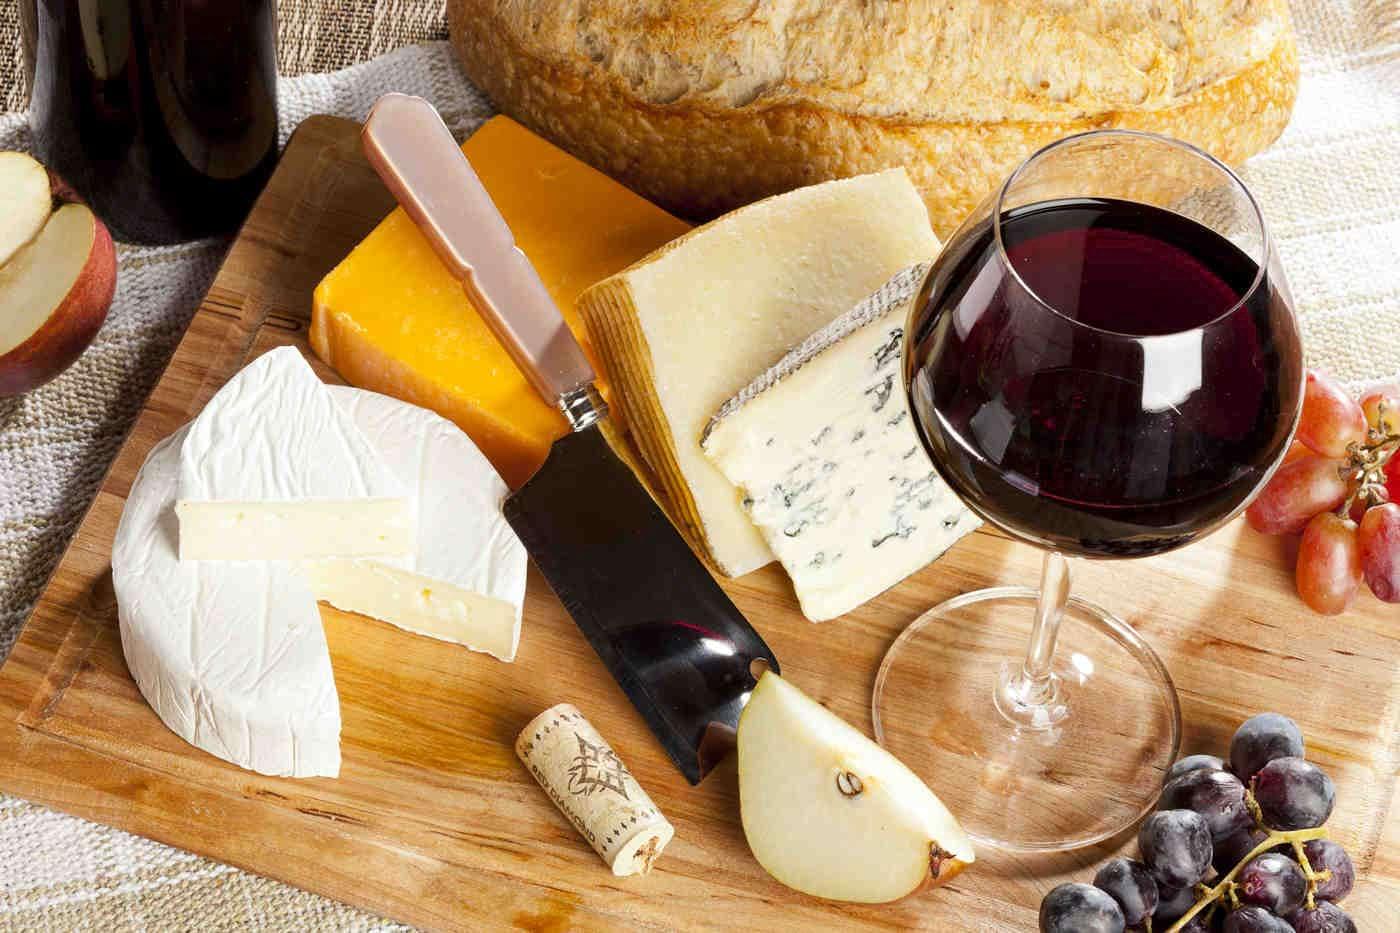 Ce efecte au consumul de brânză și de vin roșu asupra creierului? [studiu]